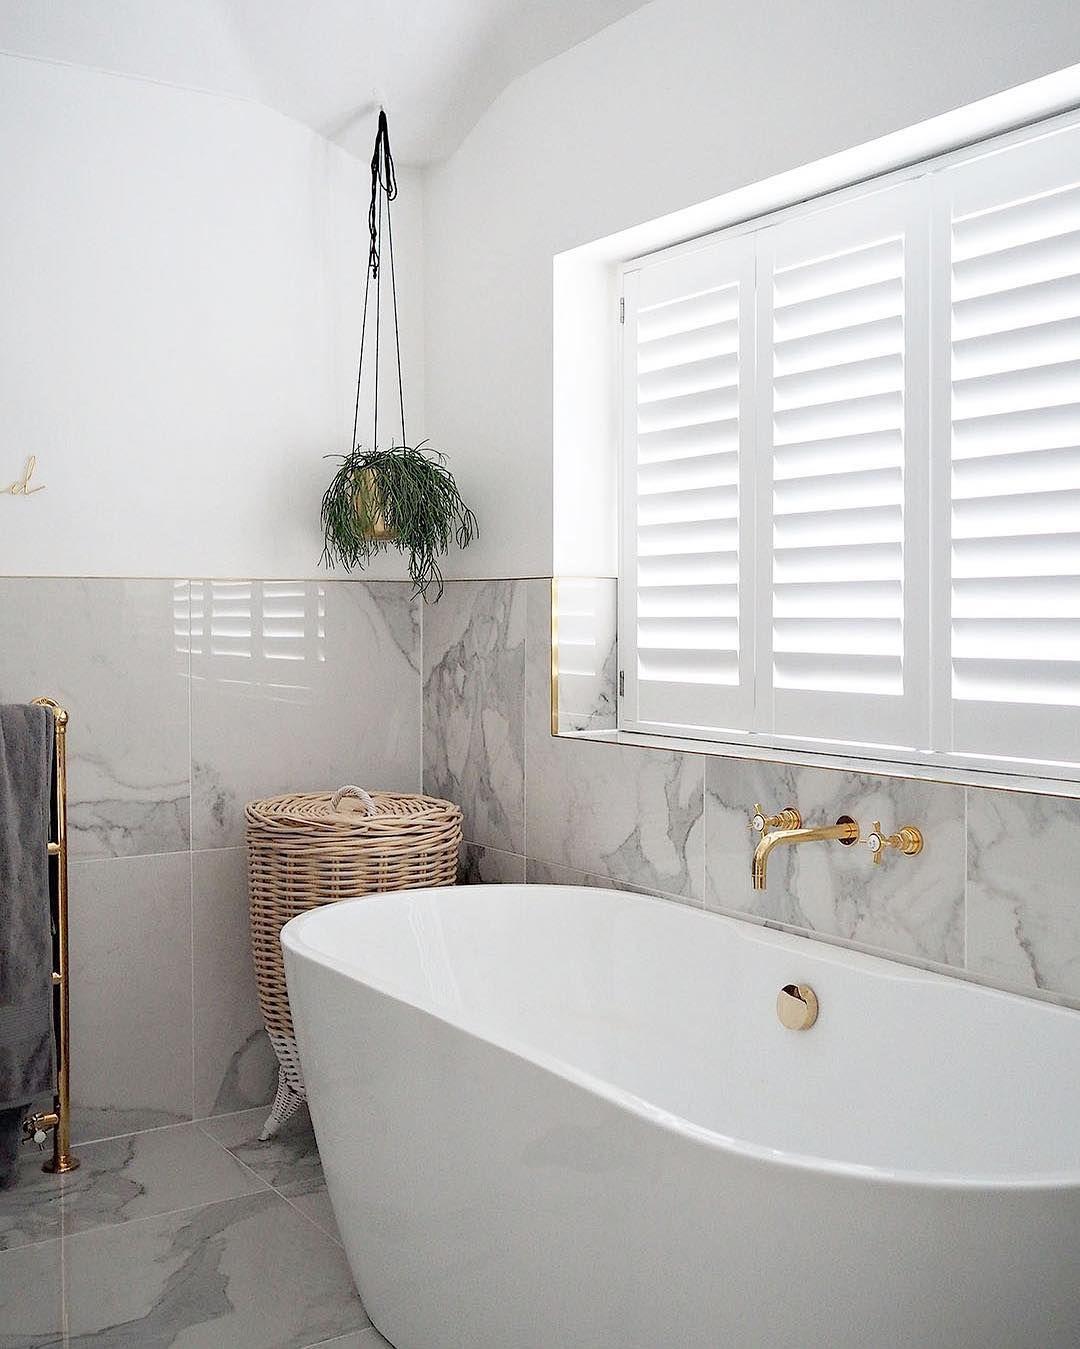 Pin Von Tania Mambo Auf House Lifestyle Badezimmer Fenster Ideen Weisse Fensterladen Innenfenster